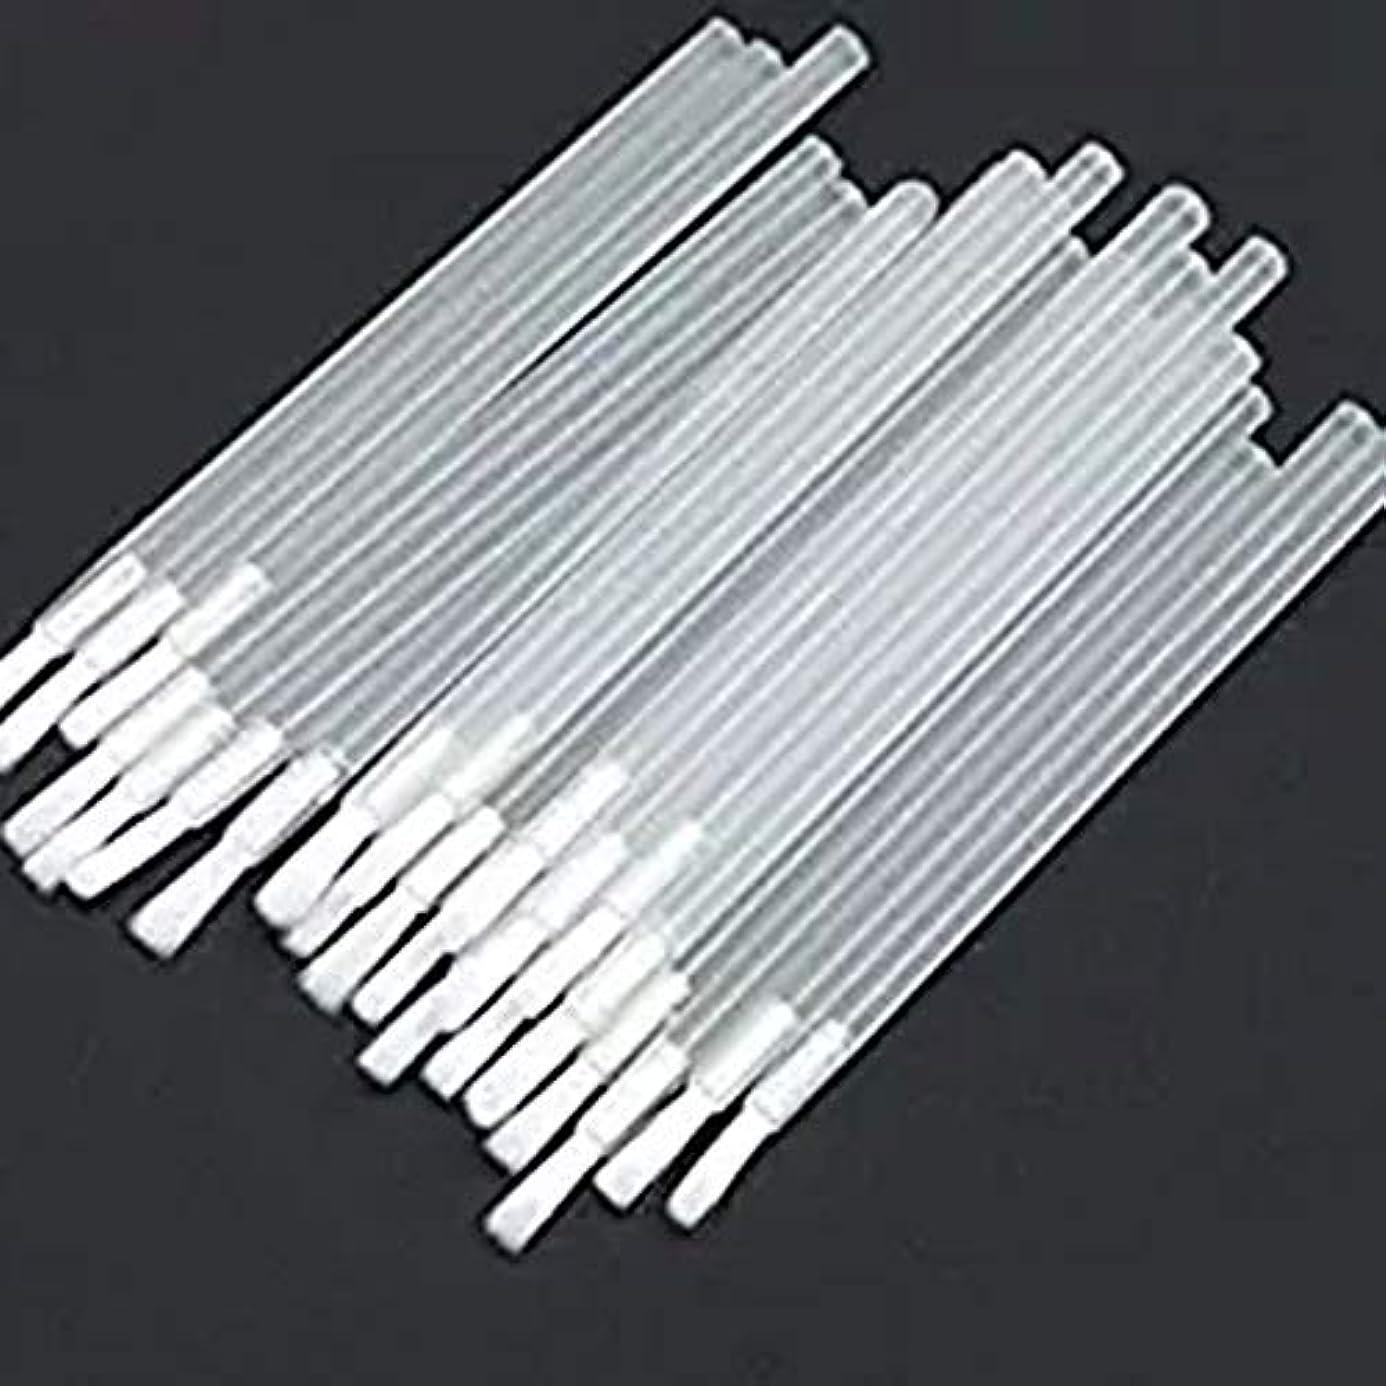 アイライナーブラシ 使い捨てリップブラシ 化粧筆 化粧ブラシ 携帯用 便利 約50本 メイクブラシ 化粧用品 化粧筆 使い捨てラシ (white1)